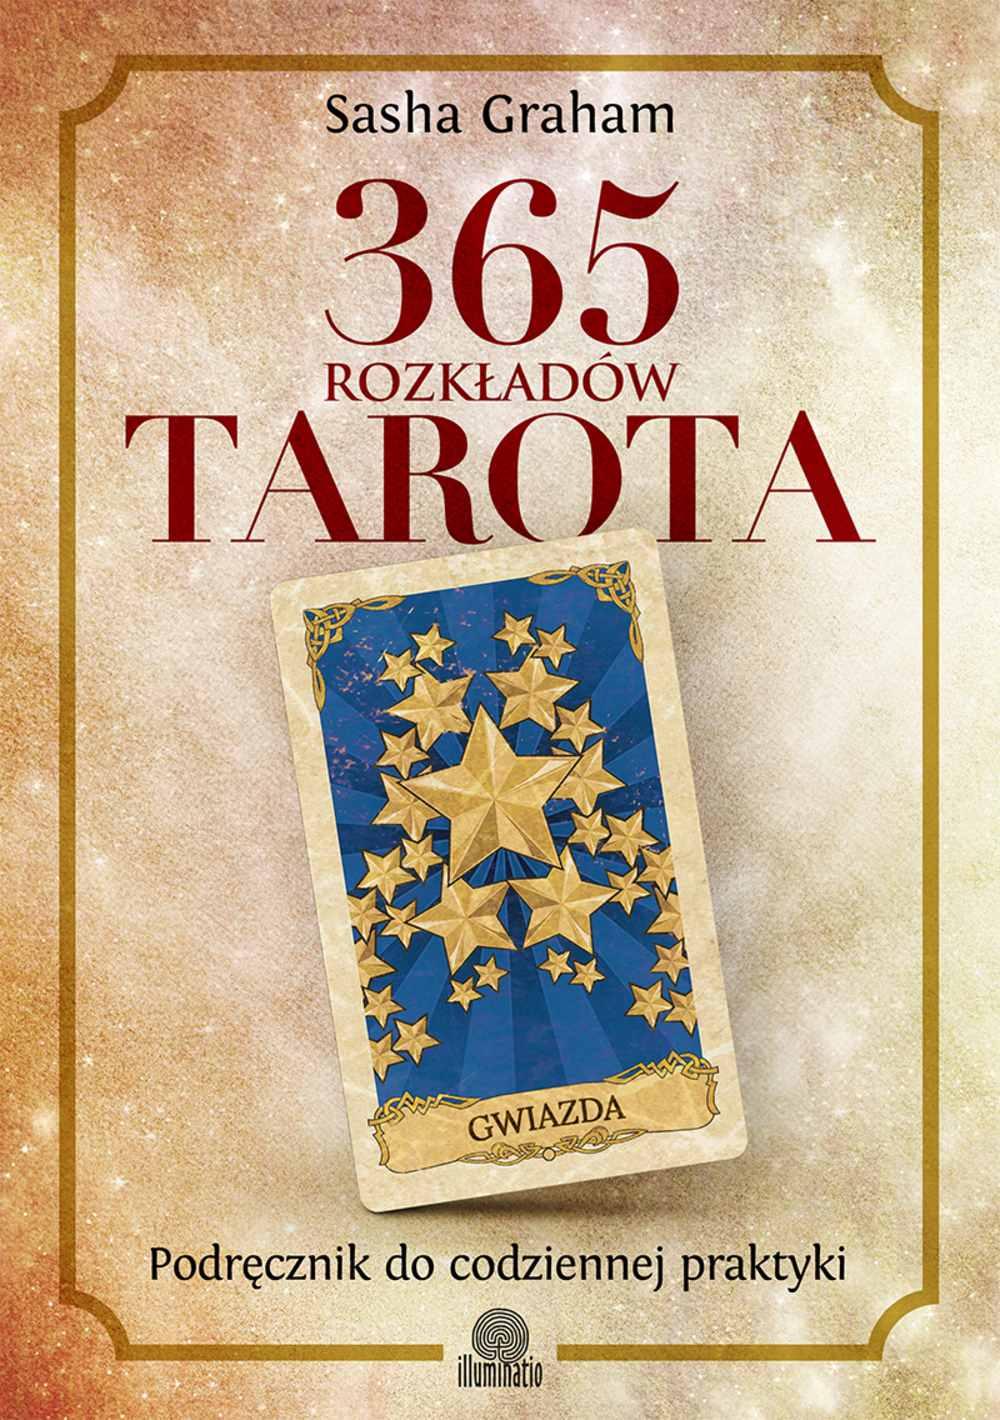 365 rozkładów Tarota. Podręcznik do codziennej praktyki - Ebook (Książka EPUB) do pobrania w formacie EPUB